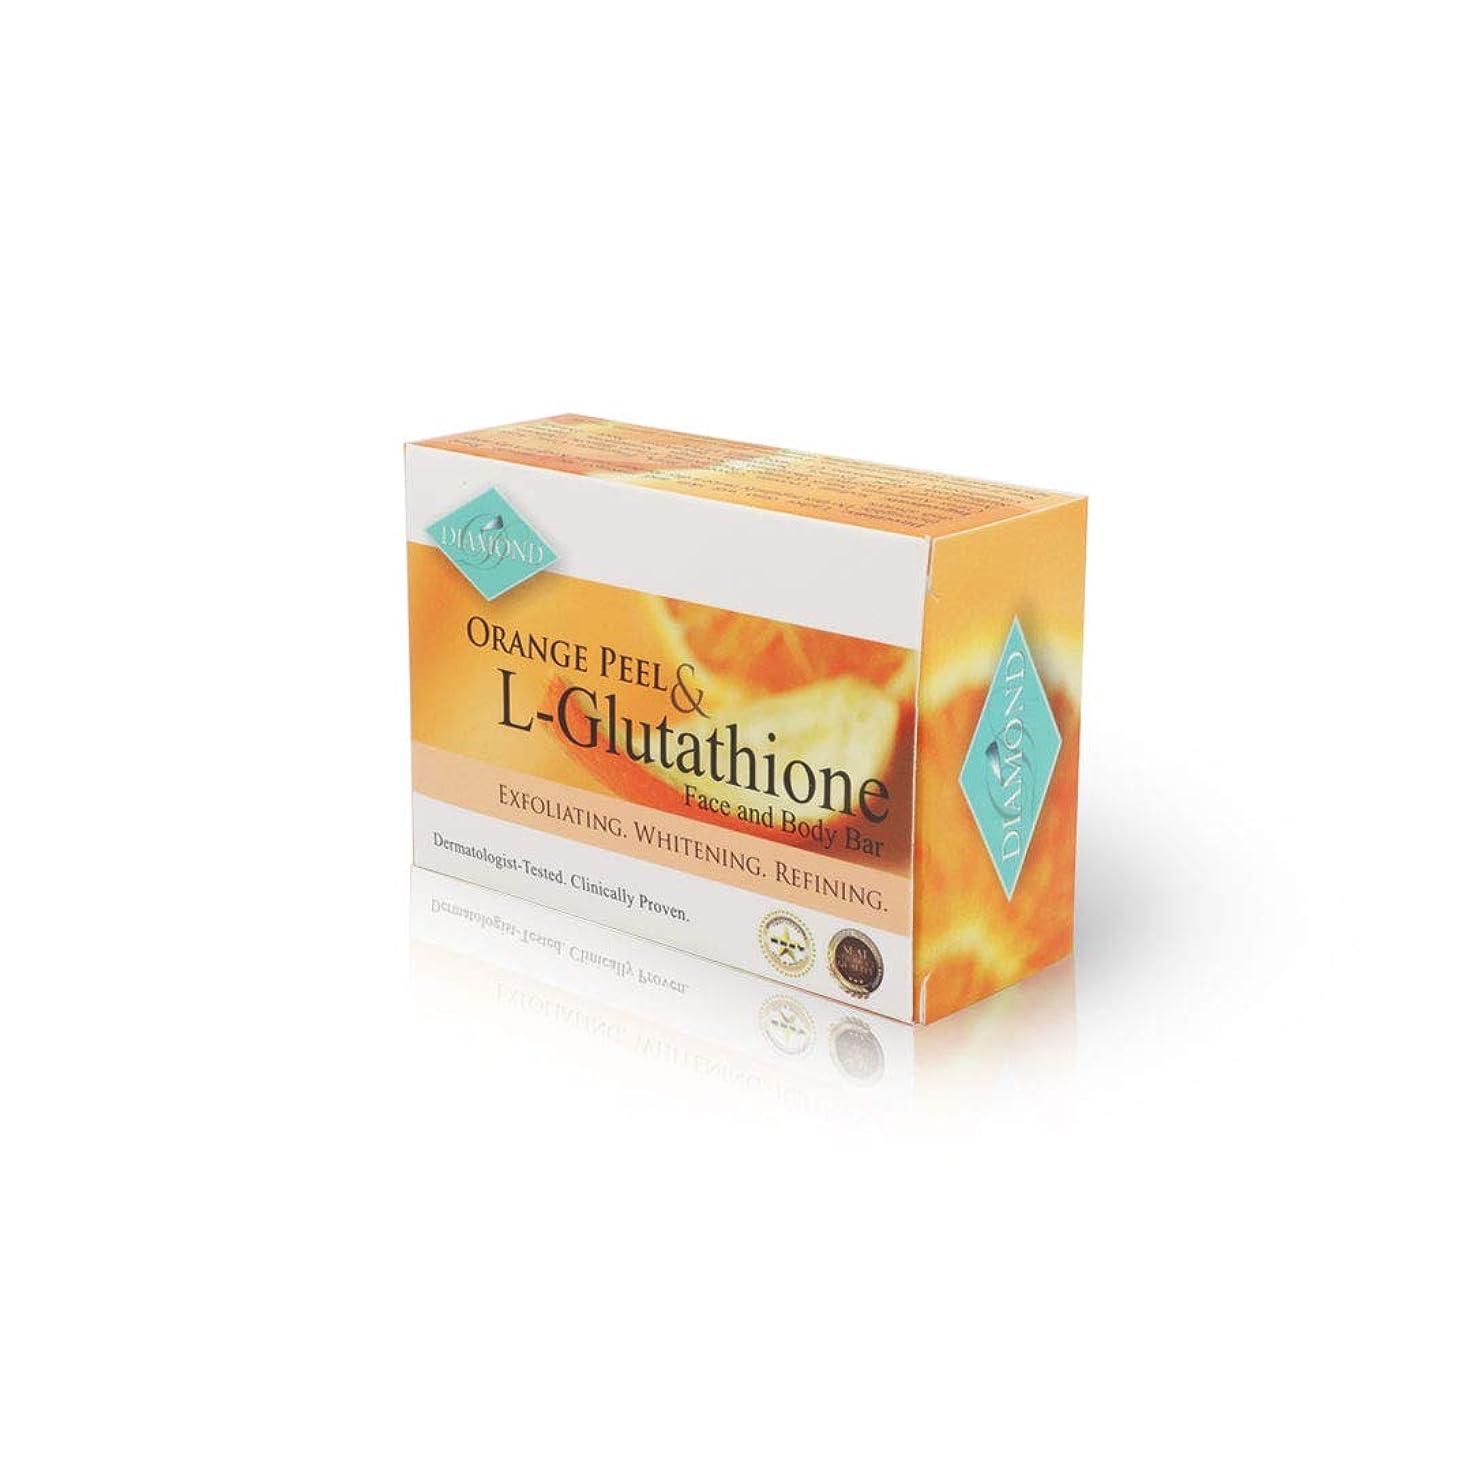 旅客ホステス性的DIAMOND ORANGE PEEL&Glutathione soap/オレンジピール&グルタチオン配合ソープ(美容石けん) 150g 正規輸入品